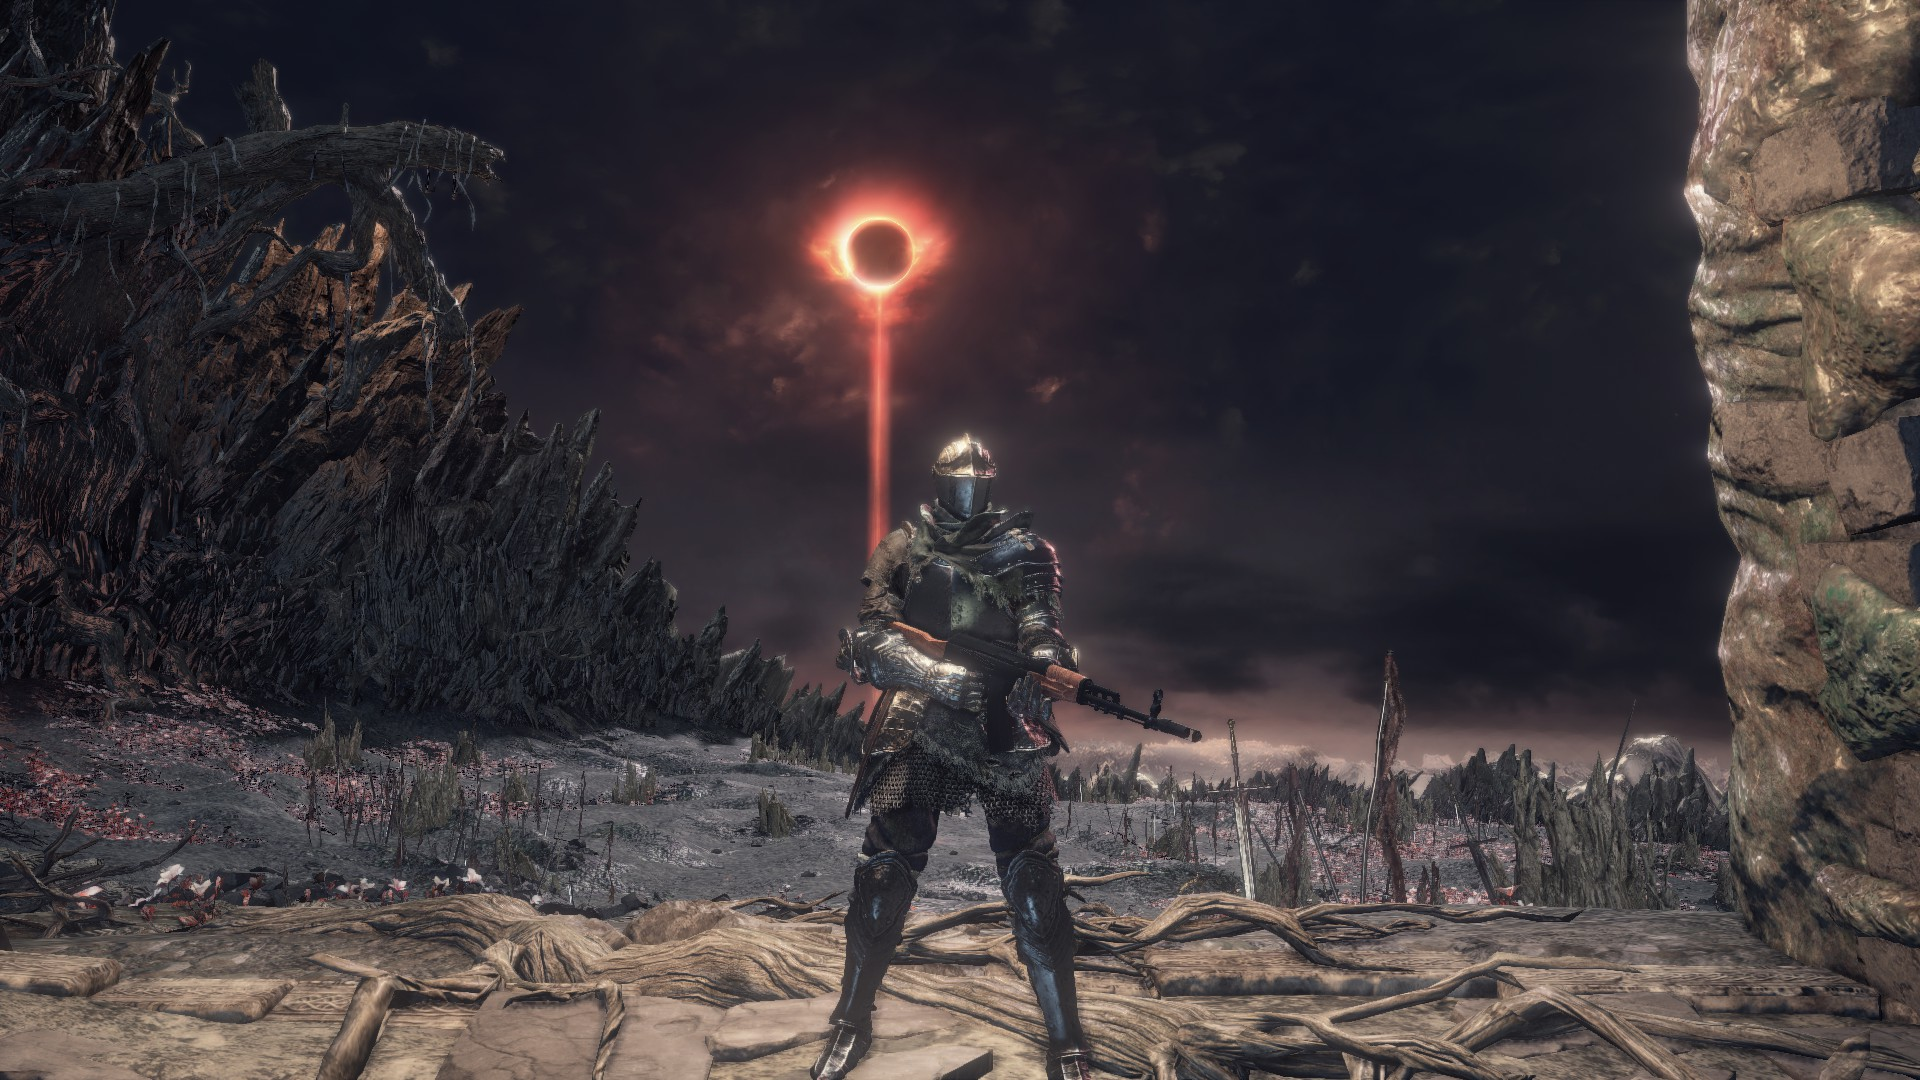 Mod de Dark Souls 3 coloca rifles de assalto no game.